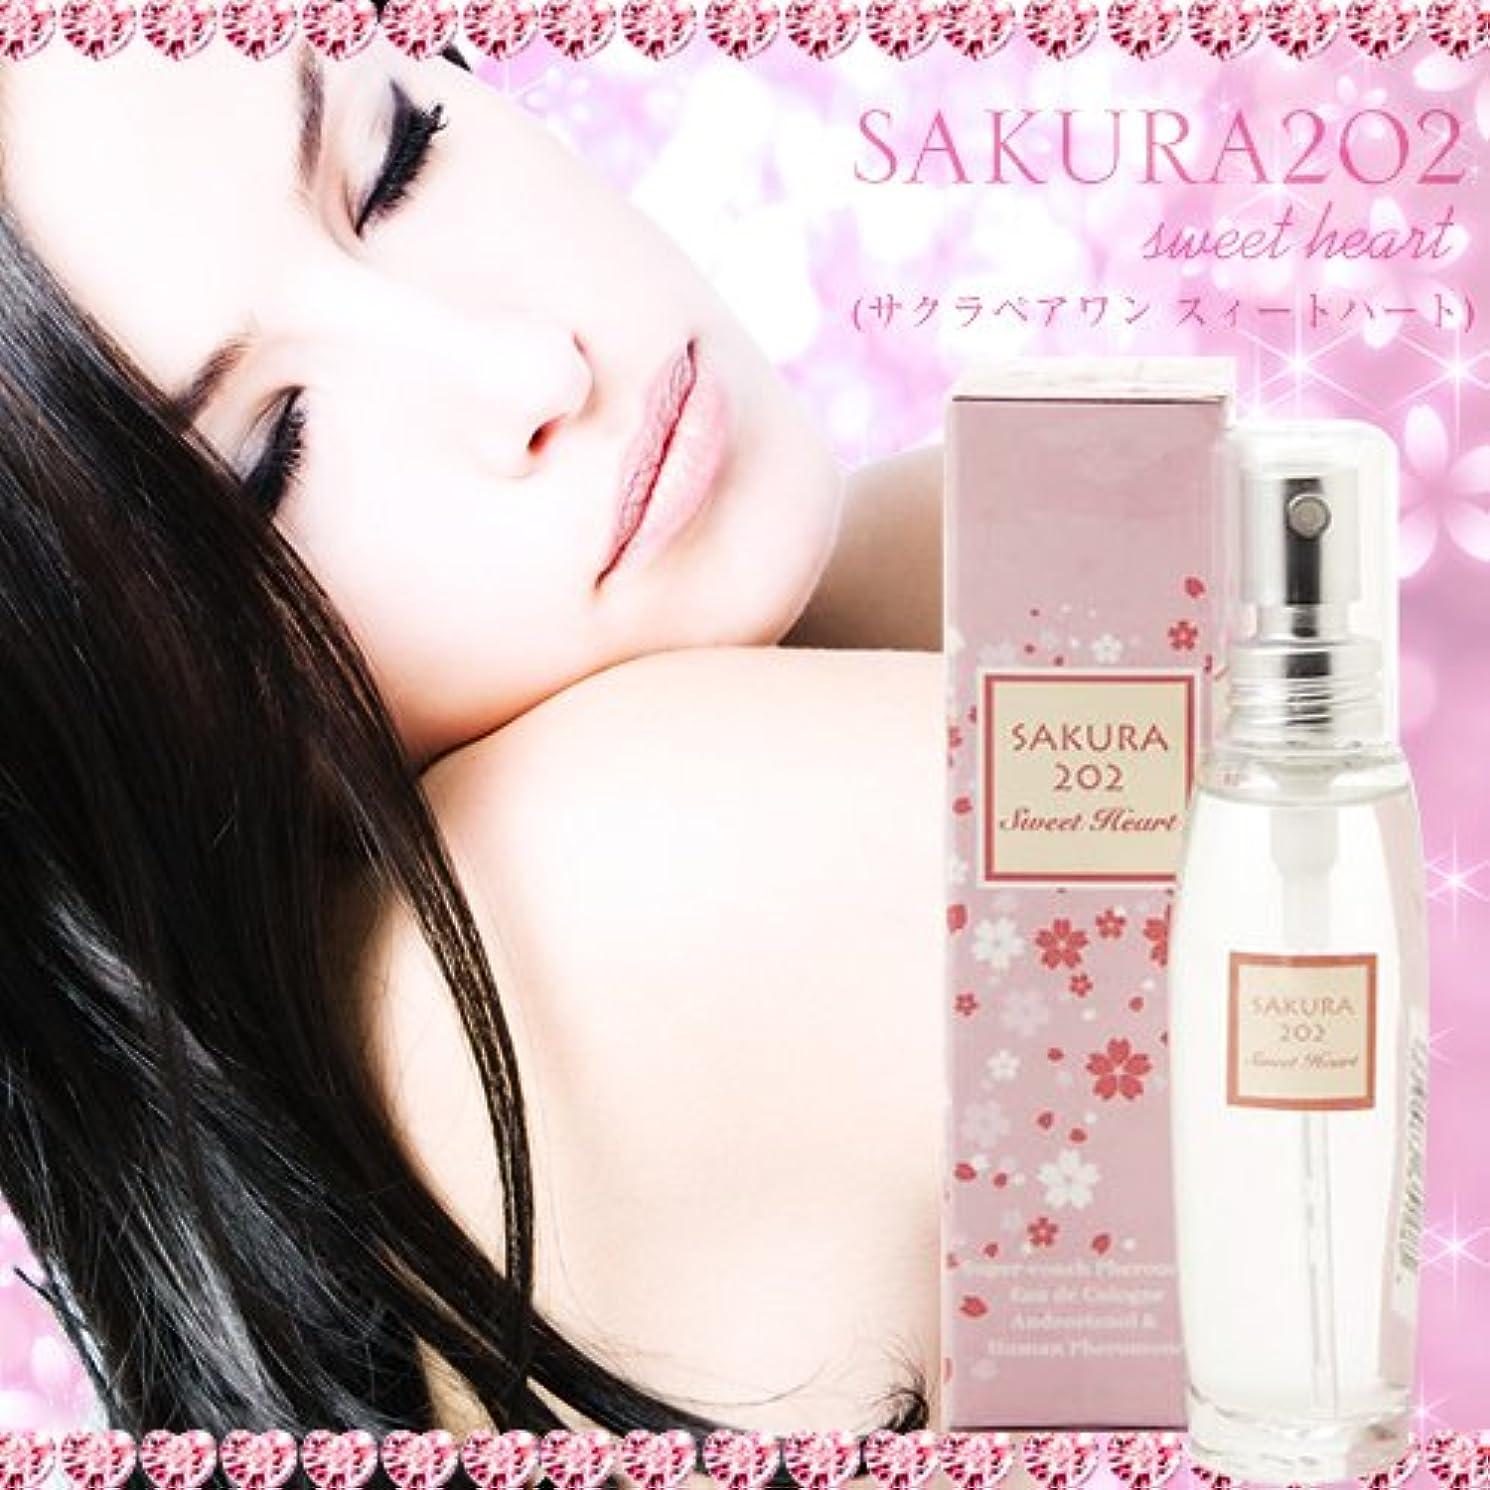 経済的繰り返した混雑女性用フェロモン香水【サクラ202 スウィートハート 】